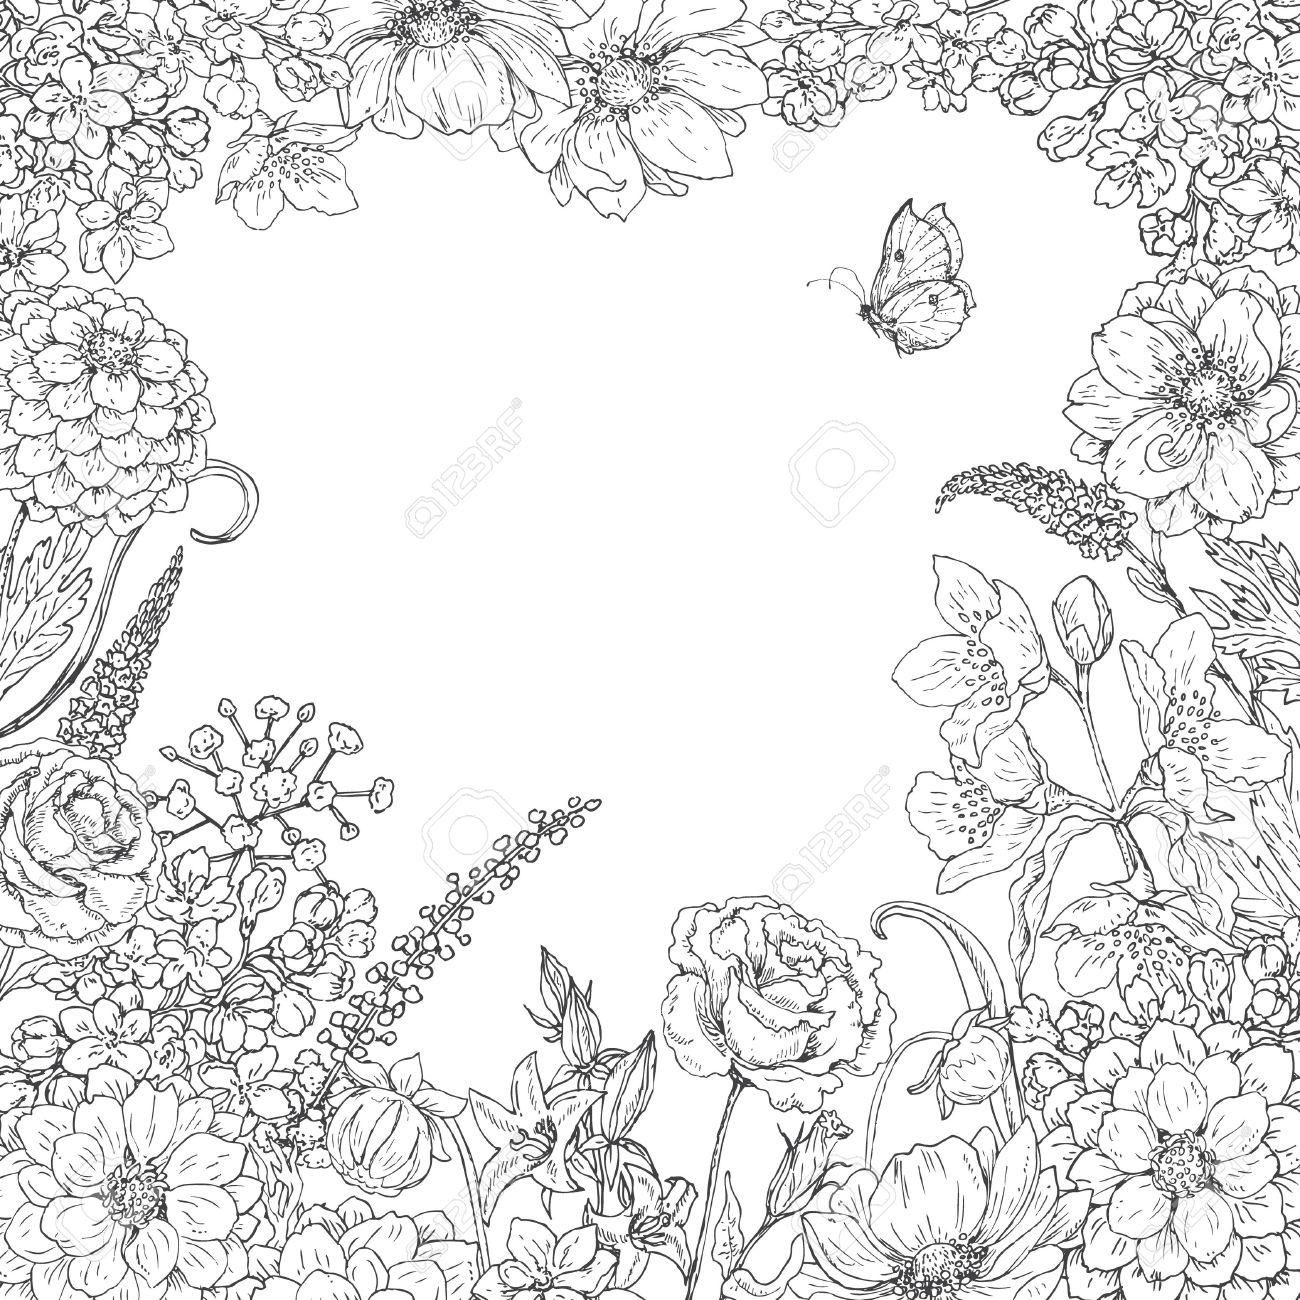 Ziemlich Erweiterte Malvorlagen Schmetterling Fotos - Entry Level ...